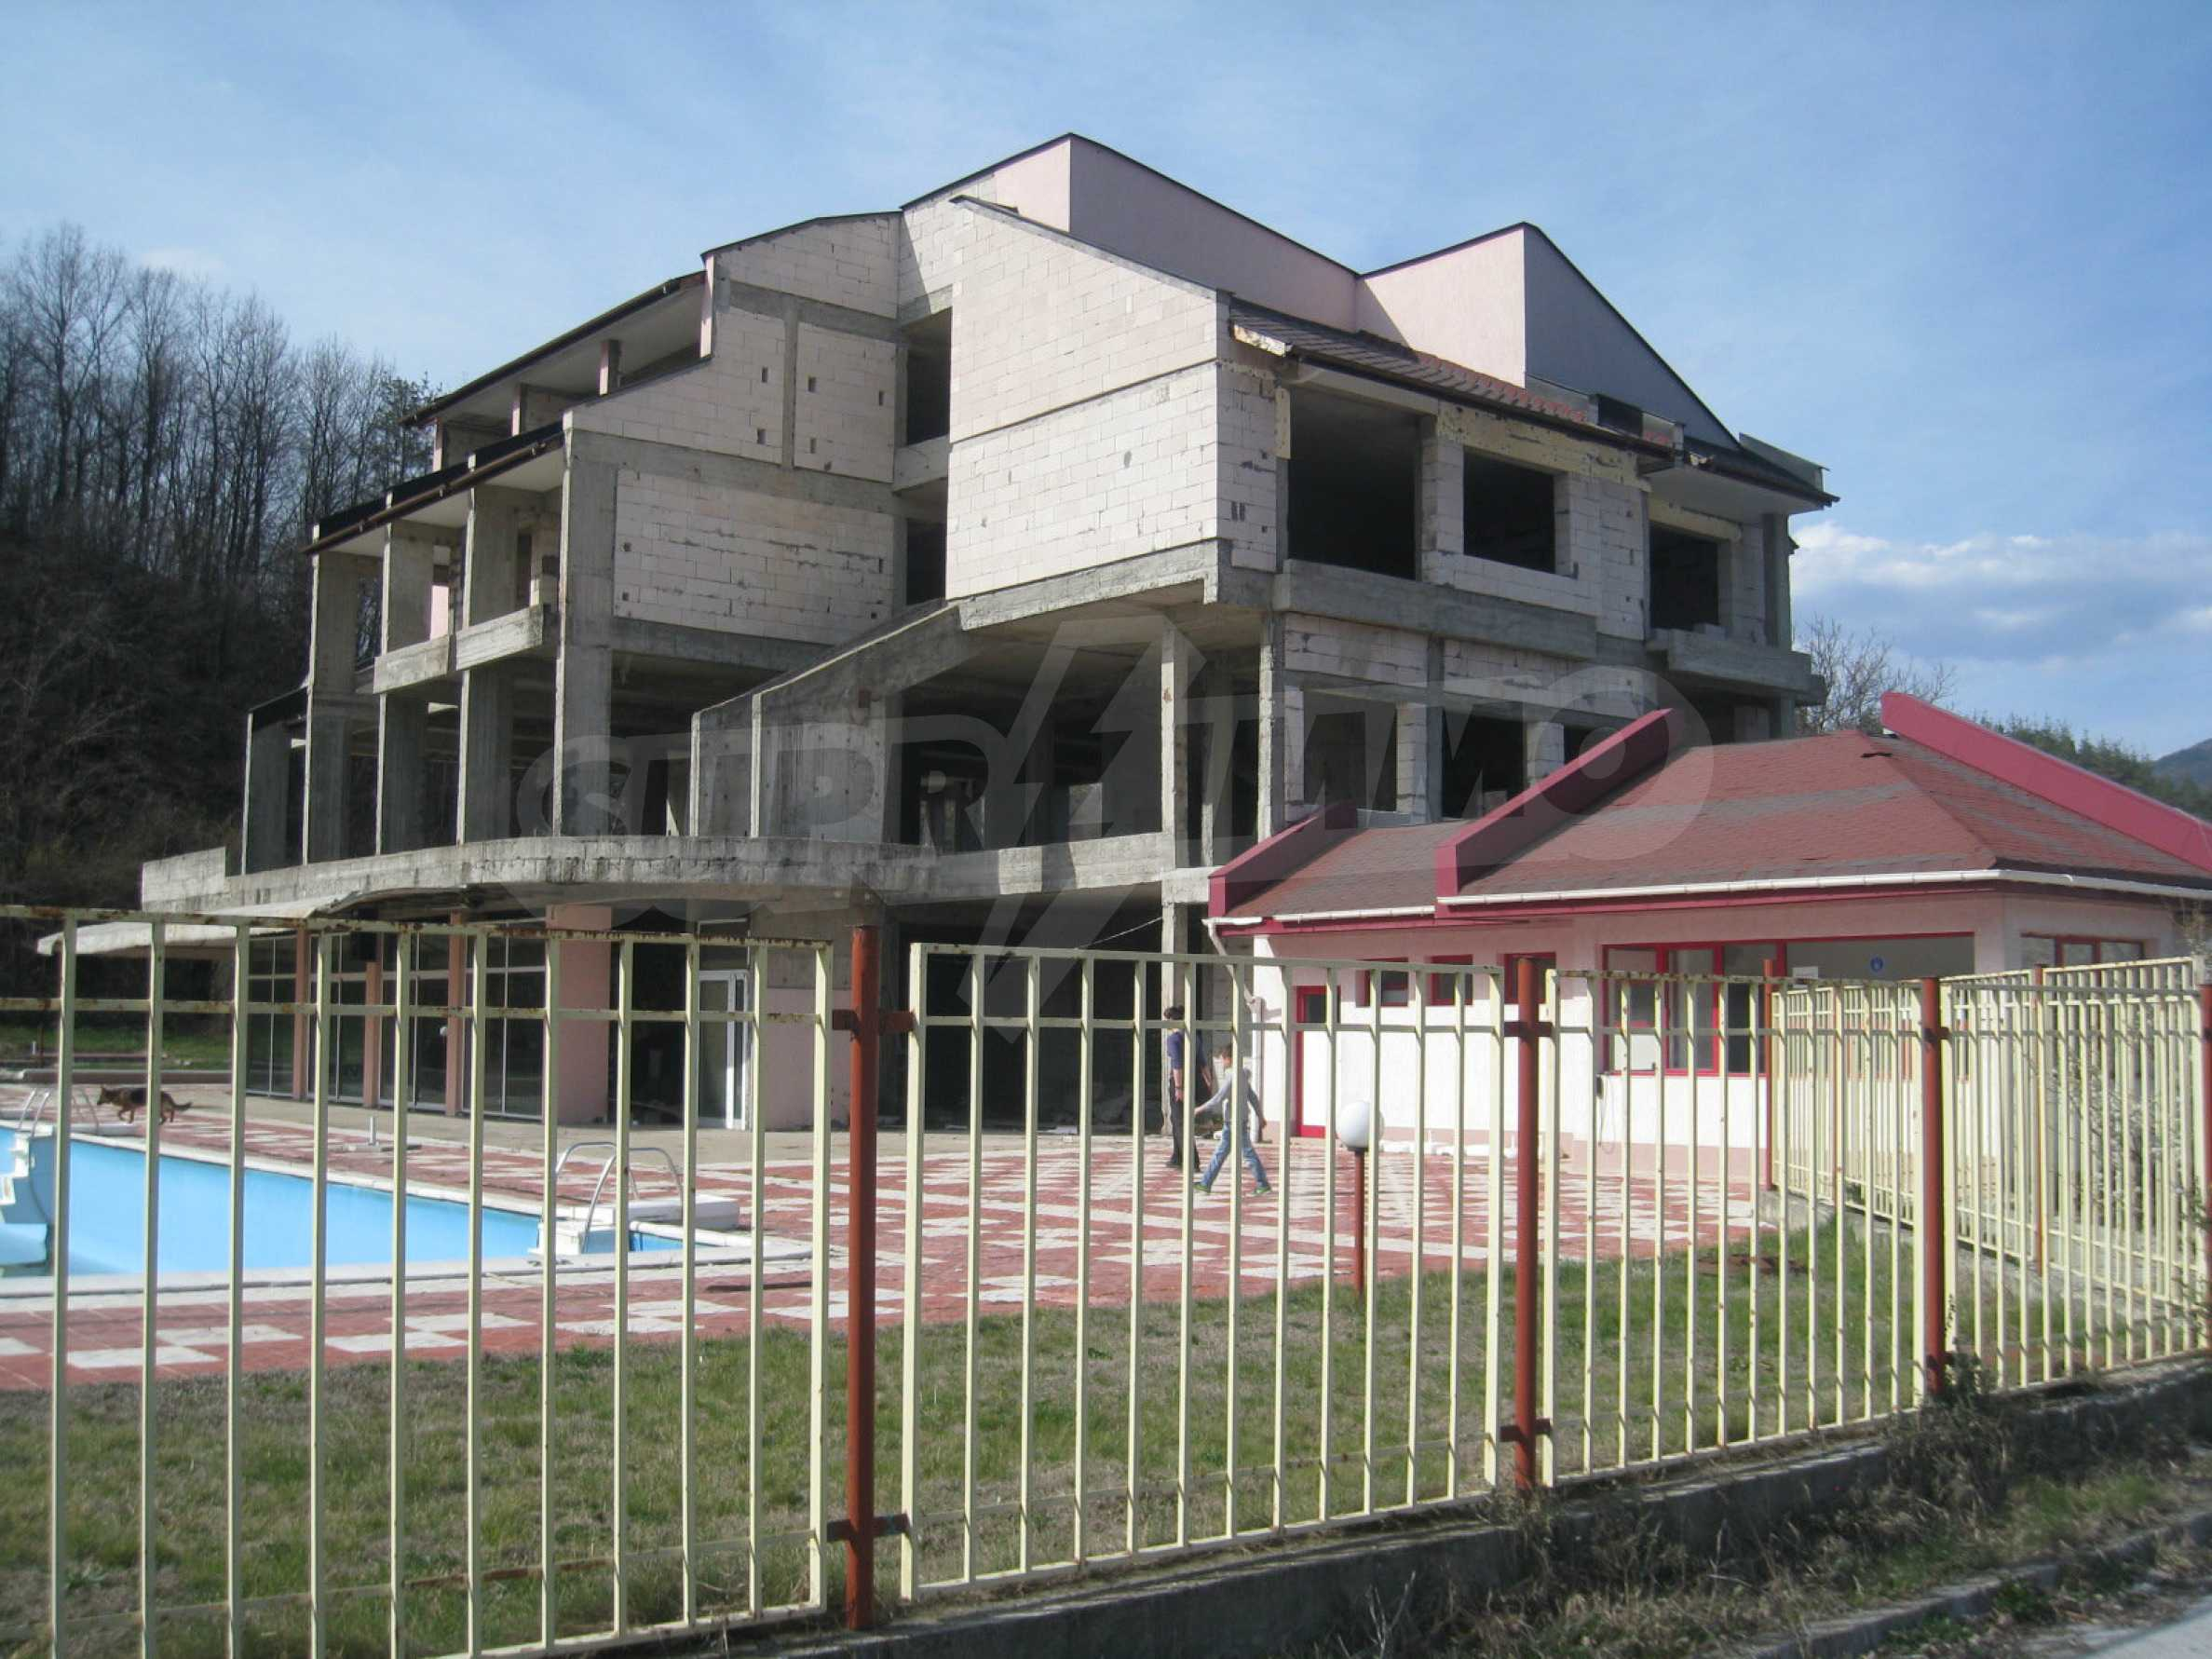 Hotelanlage mit Schwimmbad, Tankstelle und großem Grundstück in Etropole